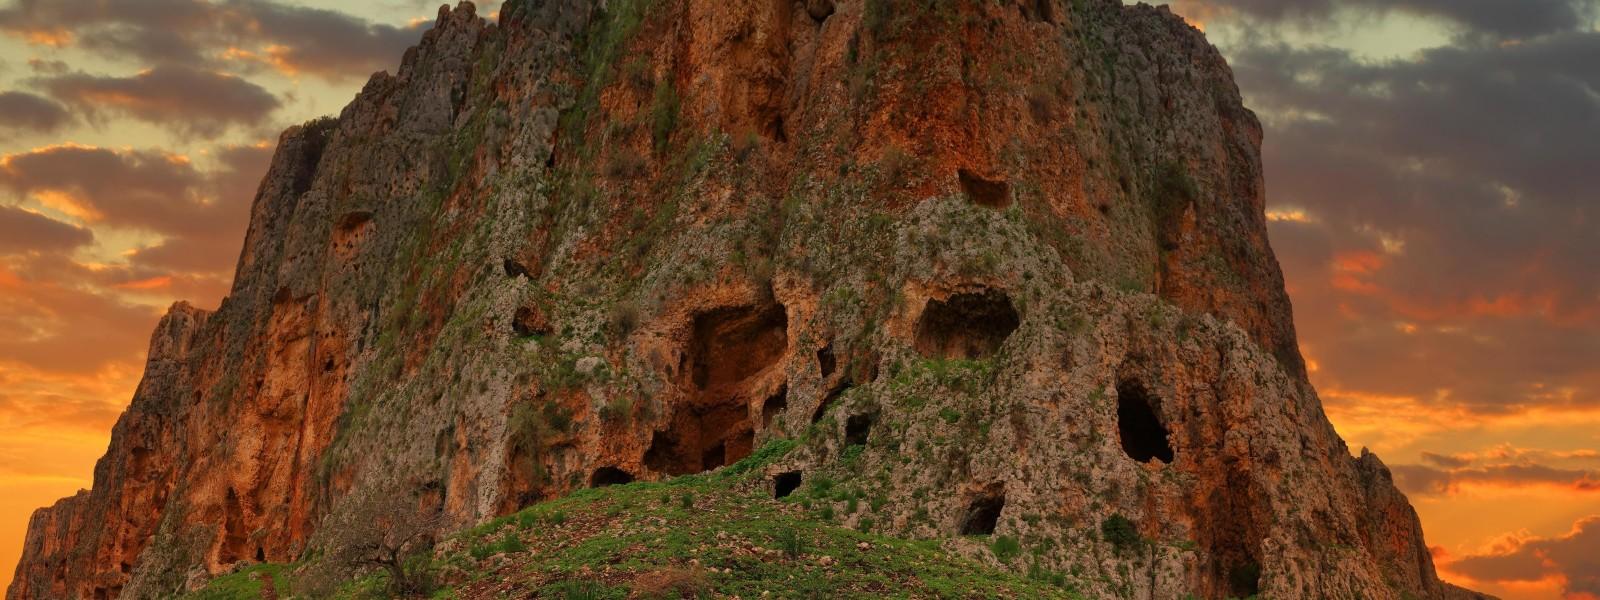 MountArbel-Tour-Guide